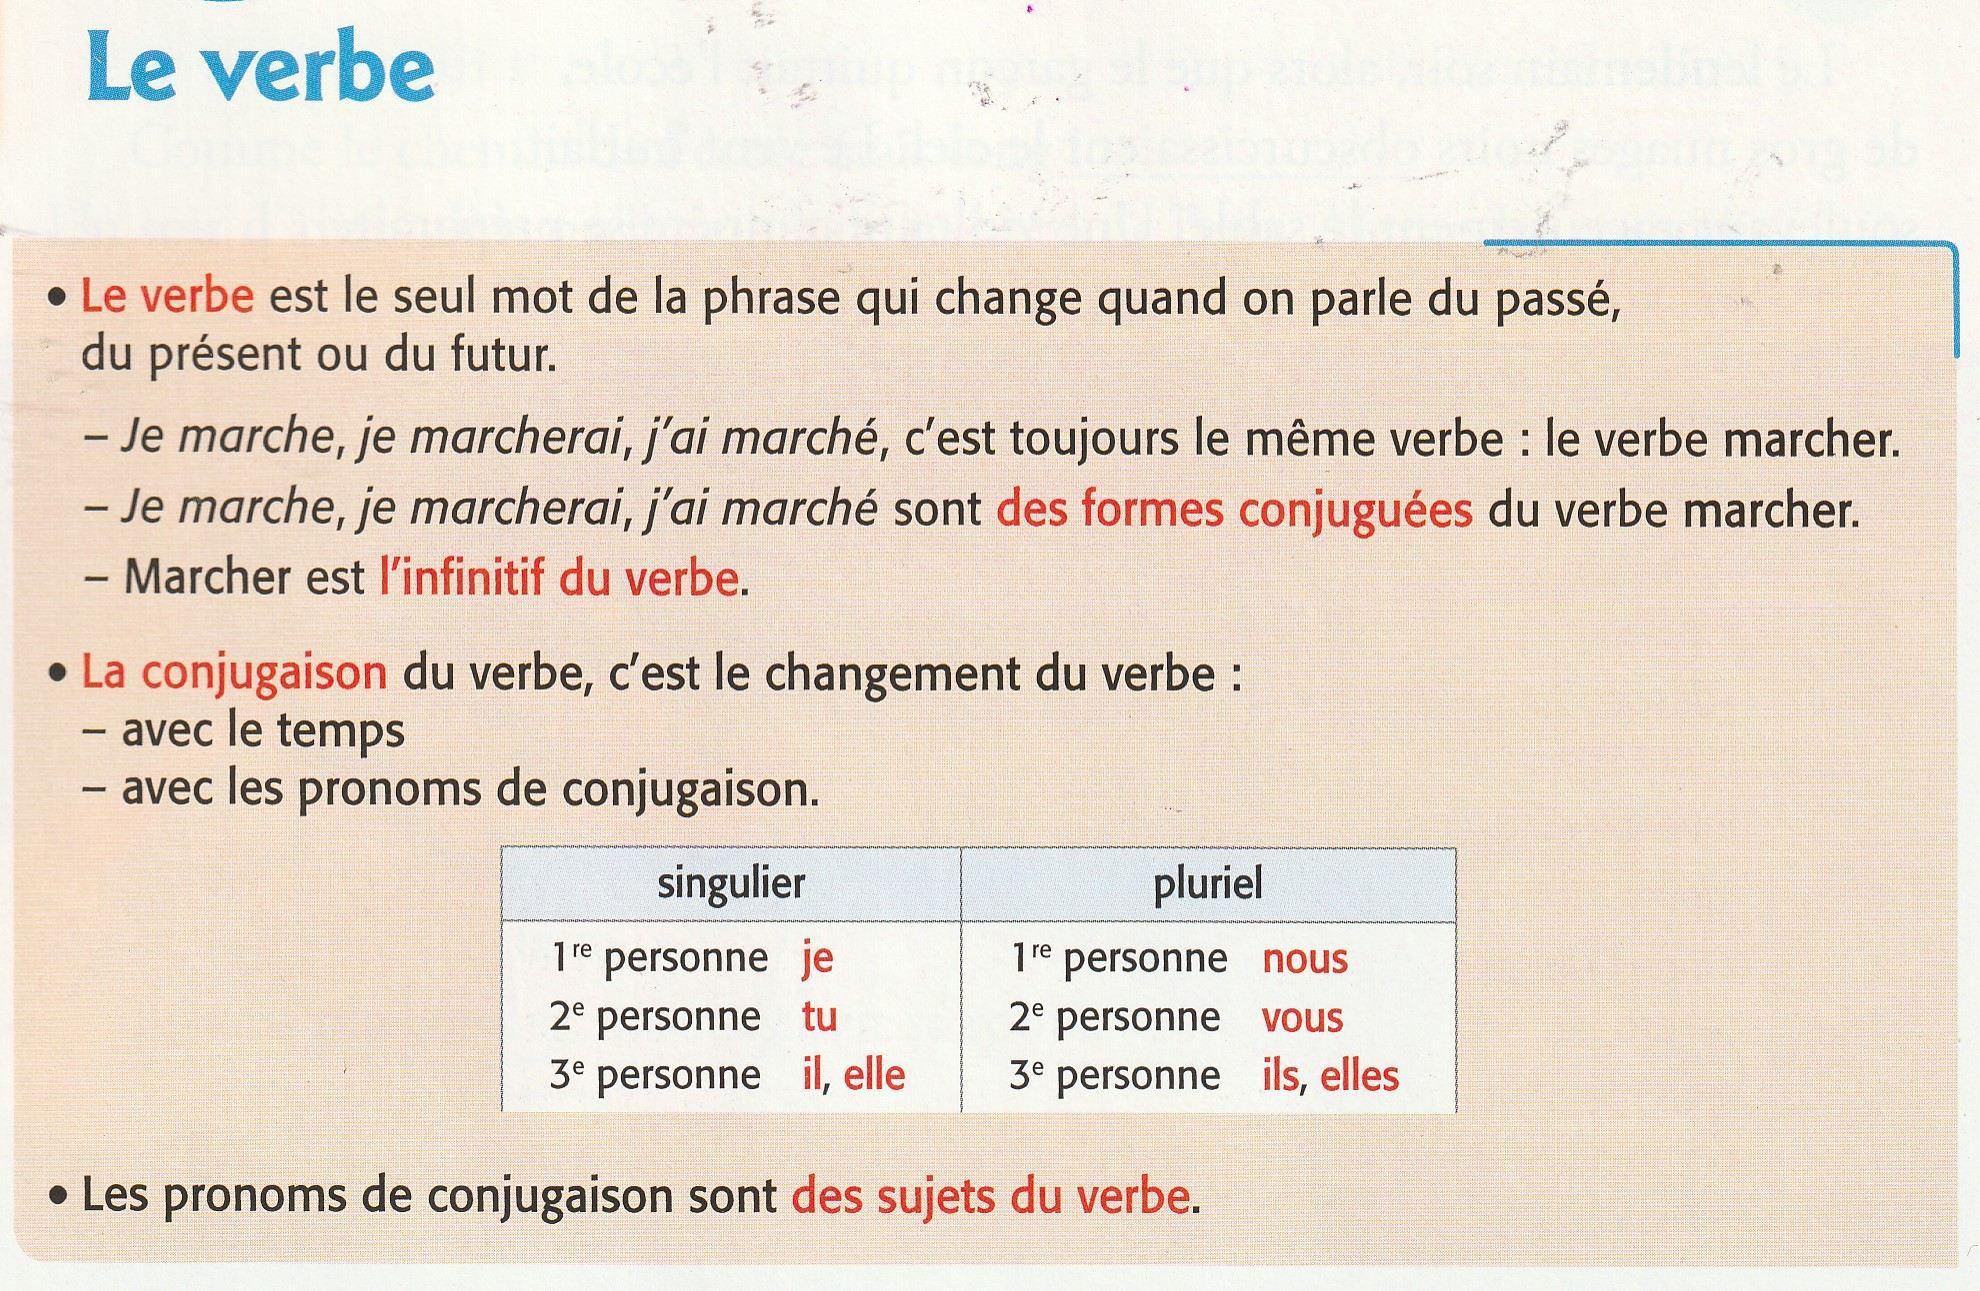 Classe De Ce2 Cm1 De L Ecole Anatole France Coronavirus Organisation Pour Le Travail A La Maison Jeudi 26 Mars